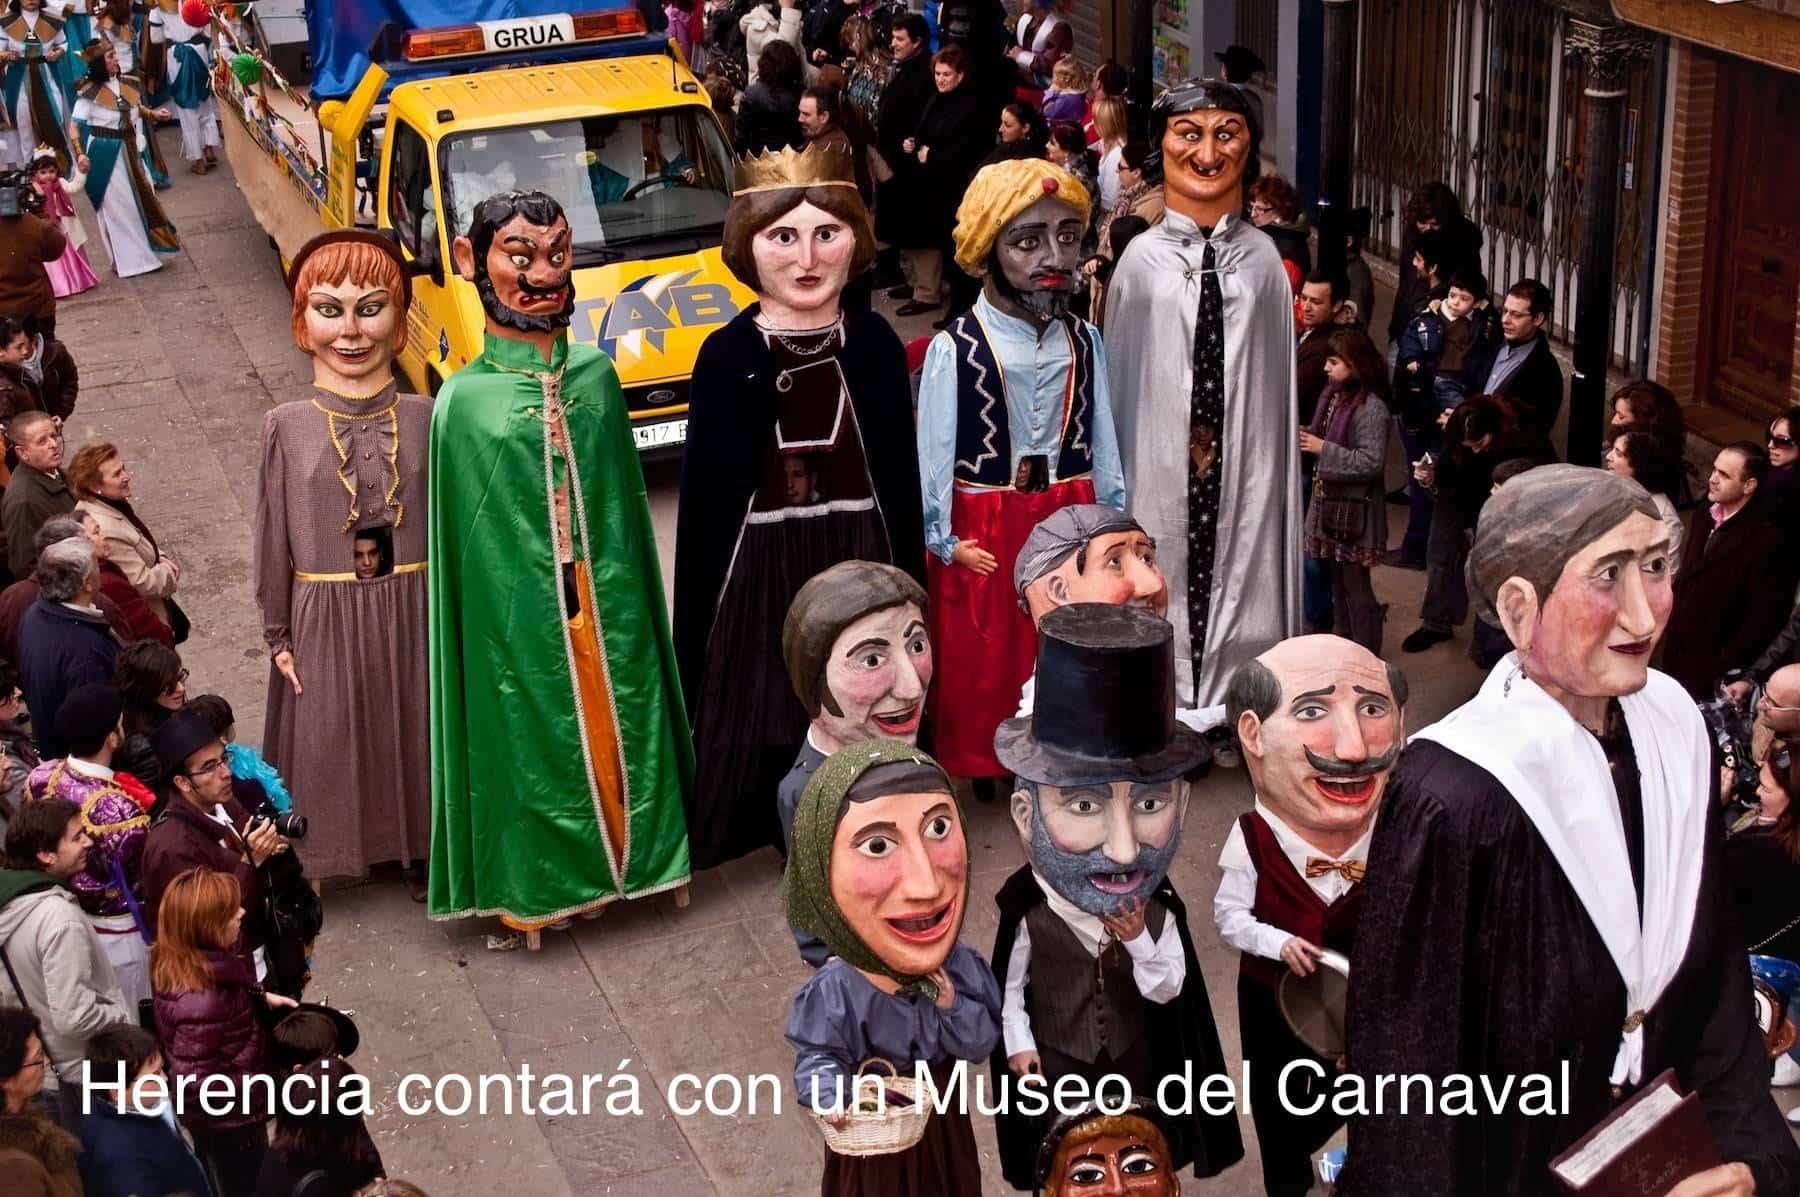 museo del carnaval de herencia ciudad real - Turismo en Herencia (Ciudad Real)